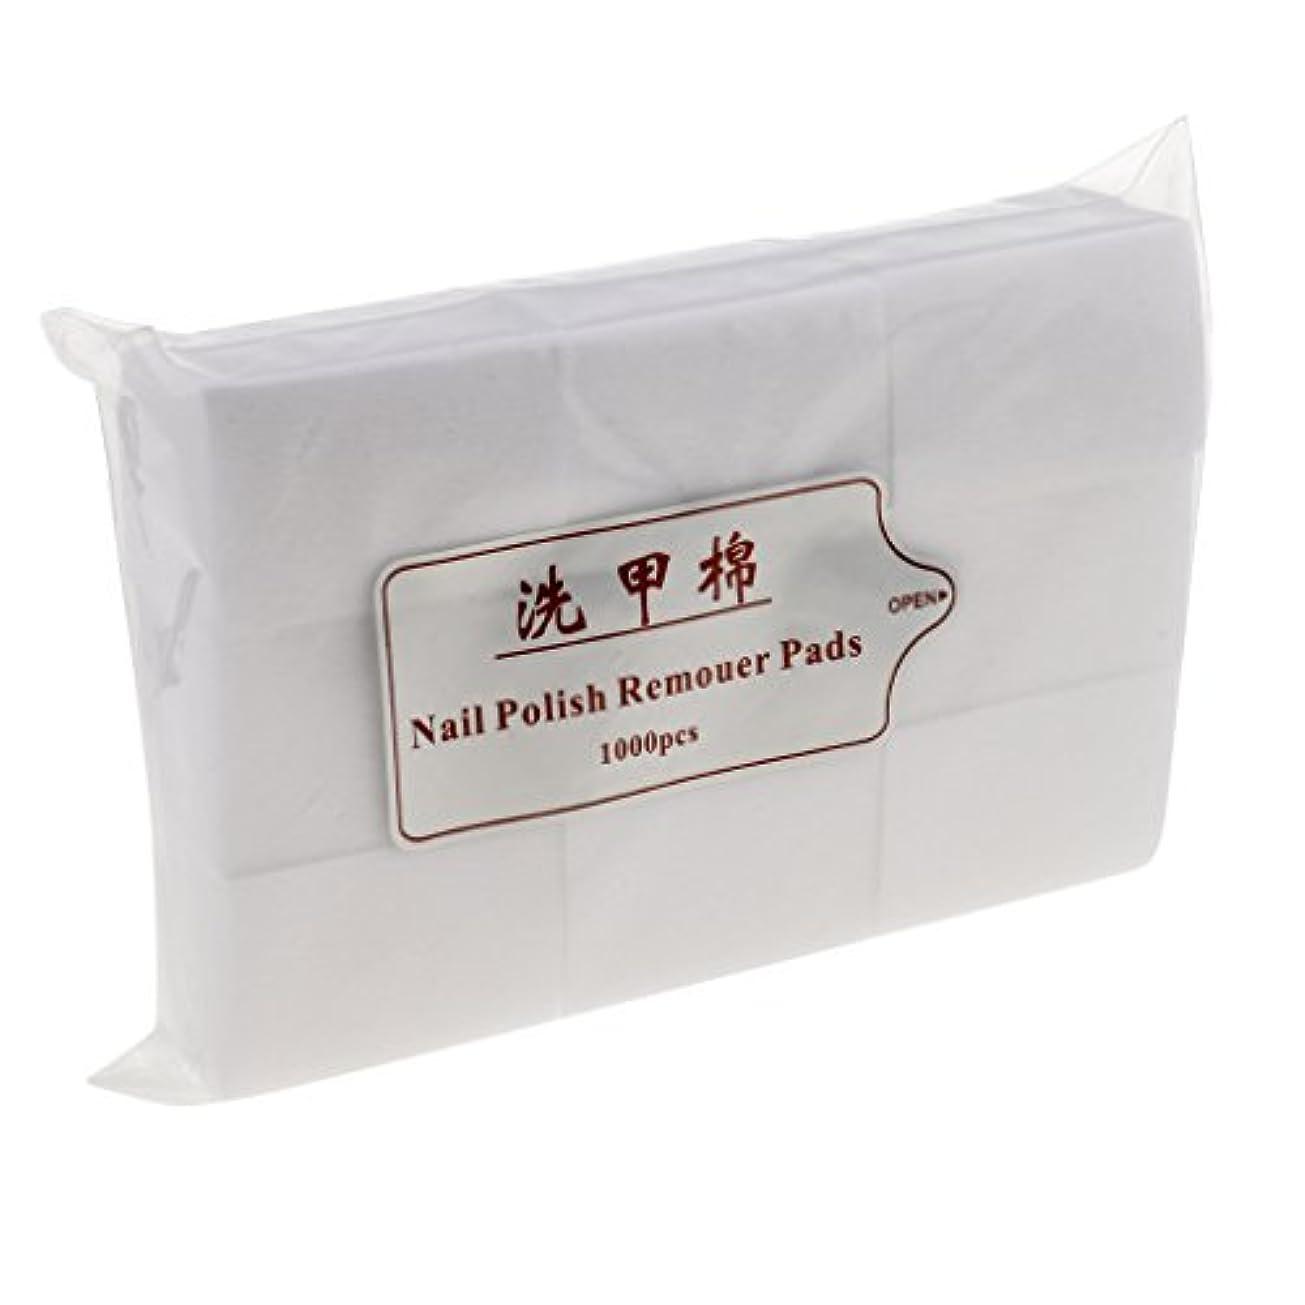 バイナリ誘発するBlesiya 約1000個 ネイルコットンパッド ネイル パッド ネイルアートチップ パッド紙 吸水性 便利 ネイルサロン